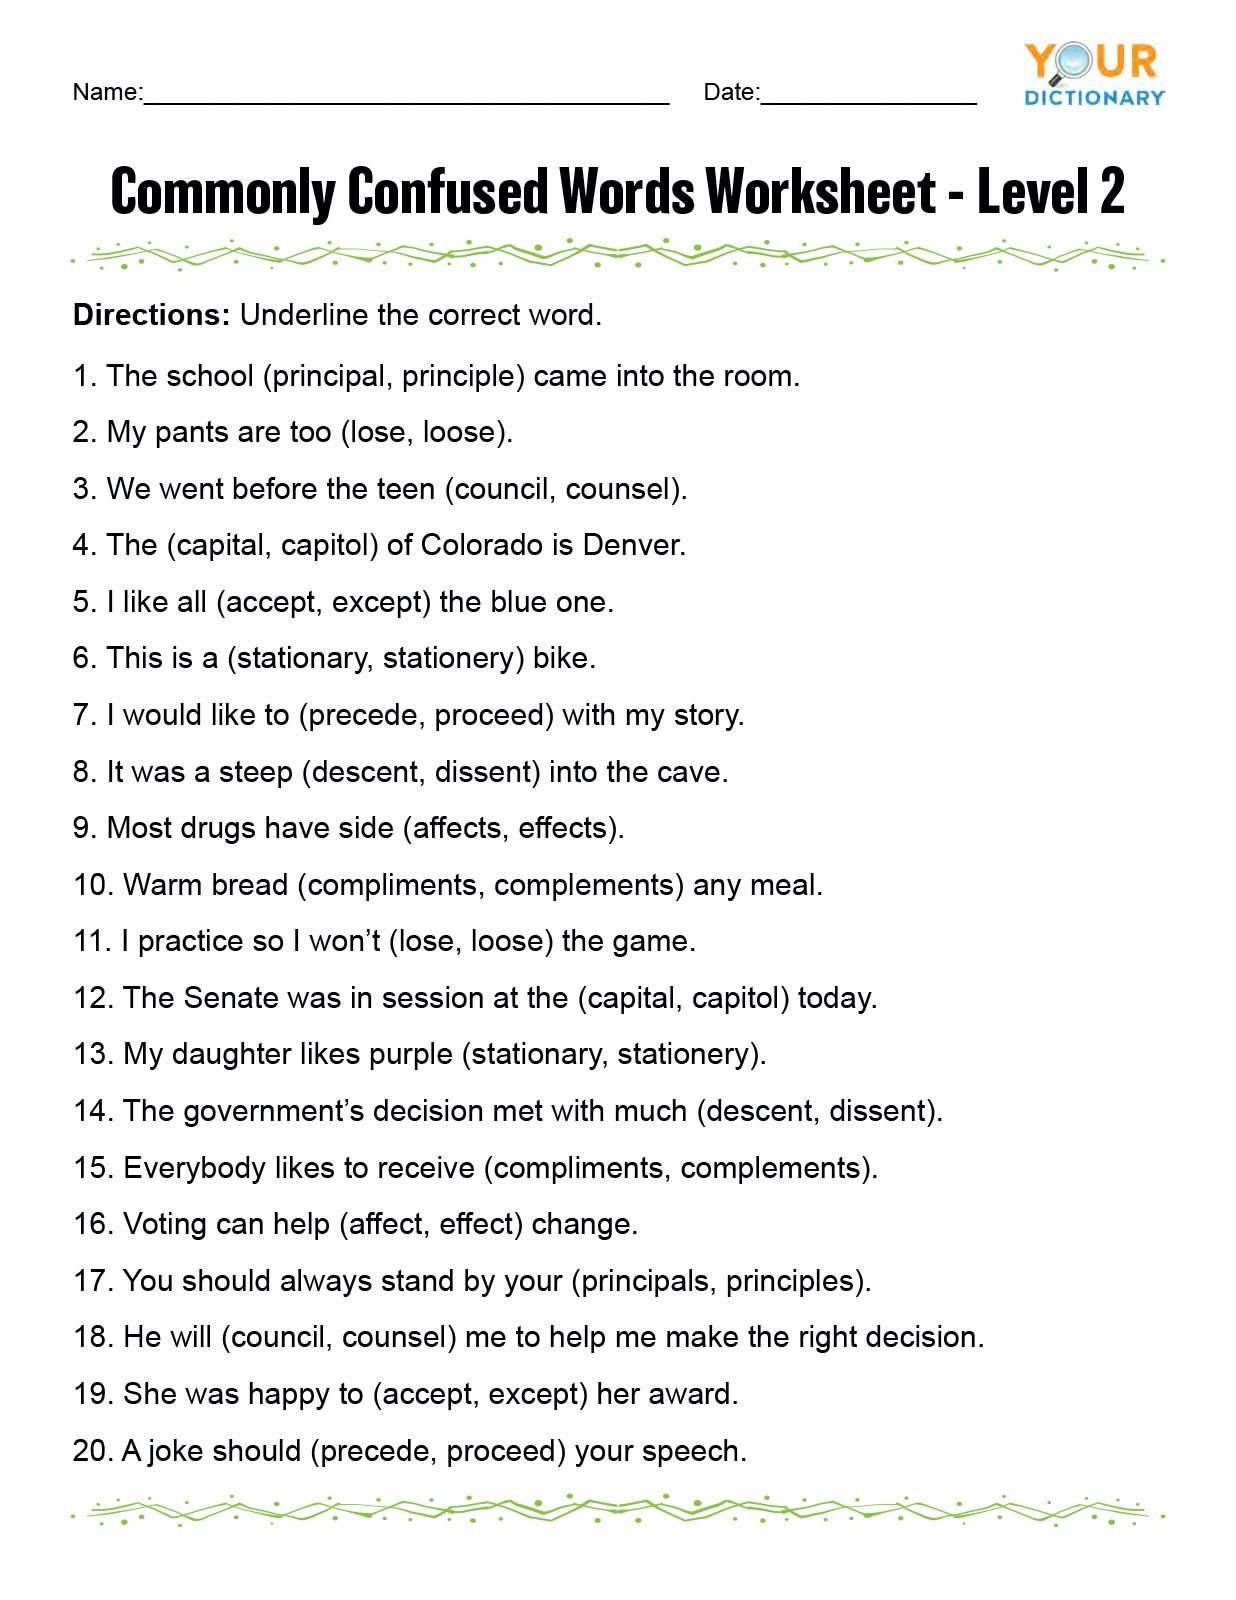 Affect Vs Effect Worksheet Monly Confused Words Worksheet